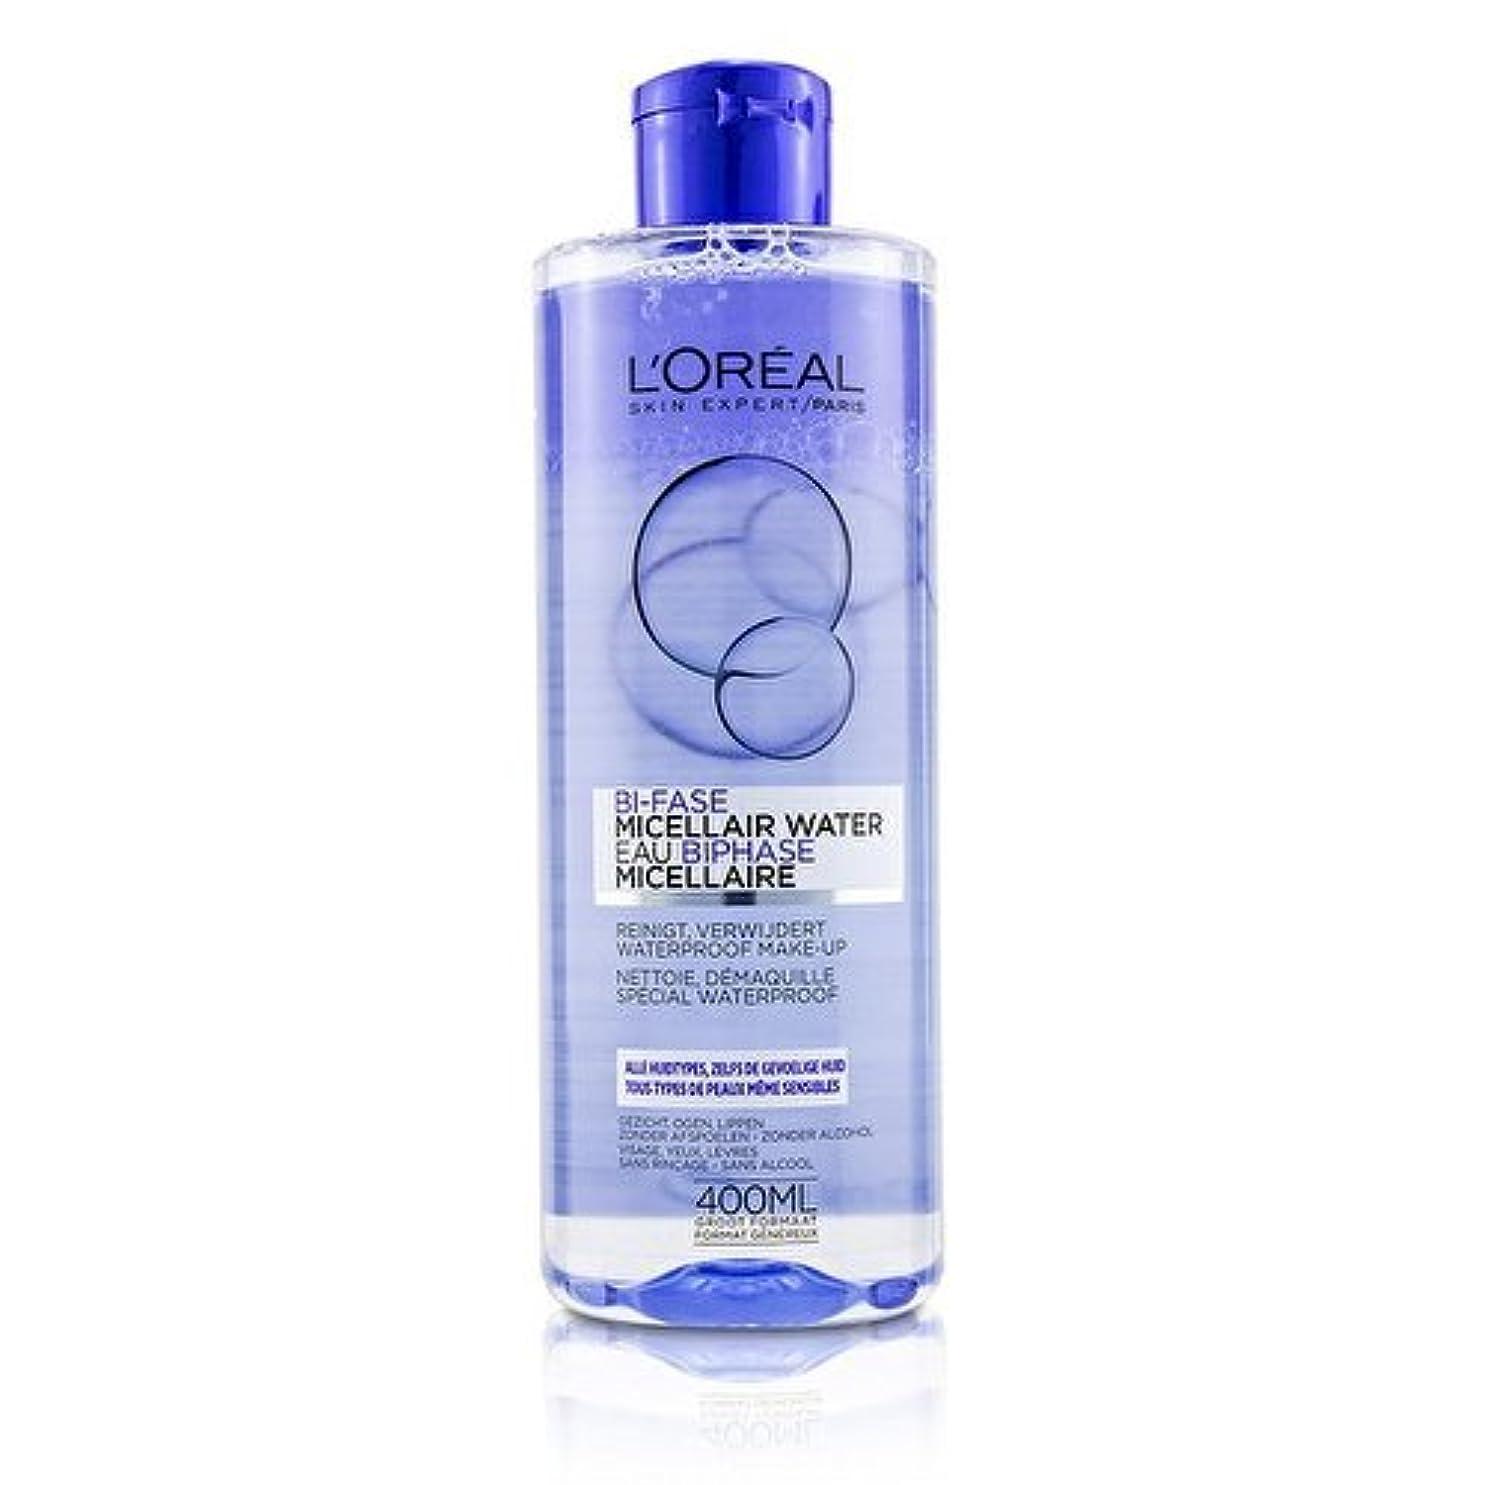 ダイバー応じるワードローブロレアル Bi-Phase Micellar Water (Bi-Fase Micellair Water) - For All Skin Types, even Sensitive Skin 400ml/13.3oz並行輸入品